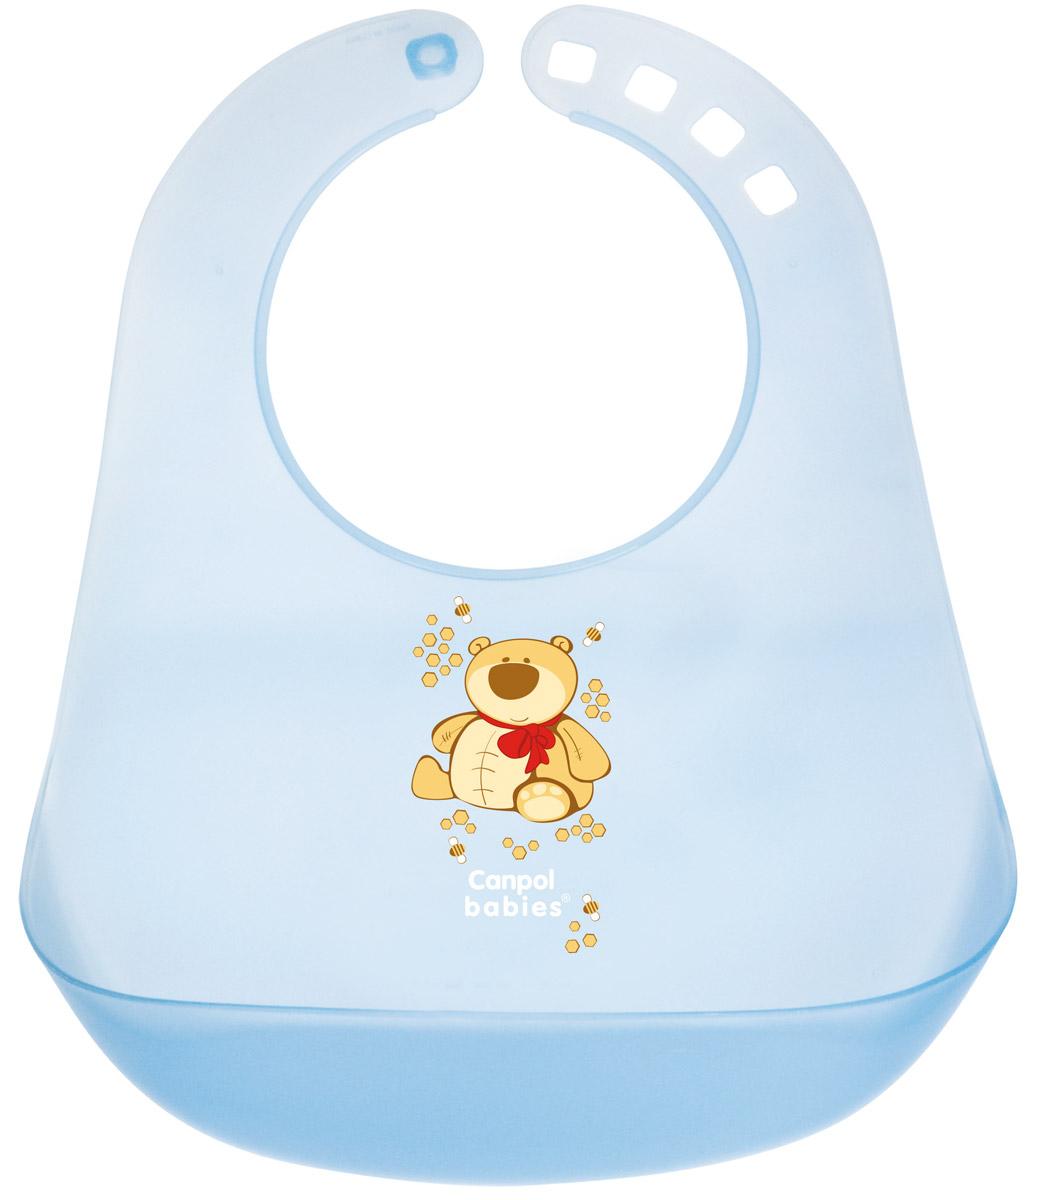 Canpol Babies Нагрудник пластиковый цвет голубой